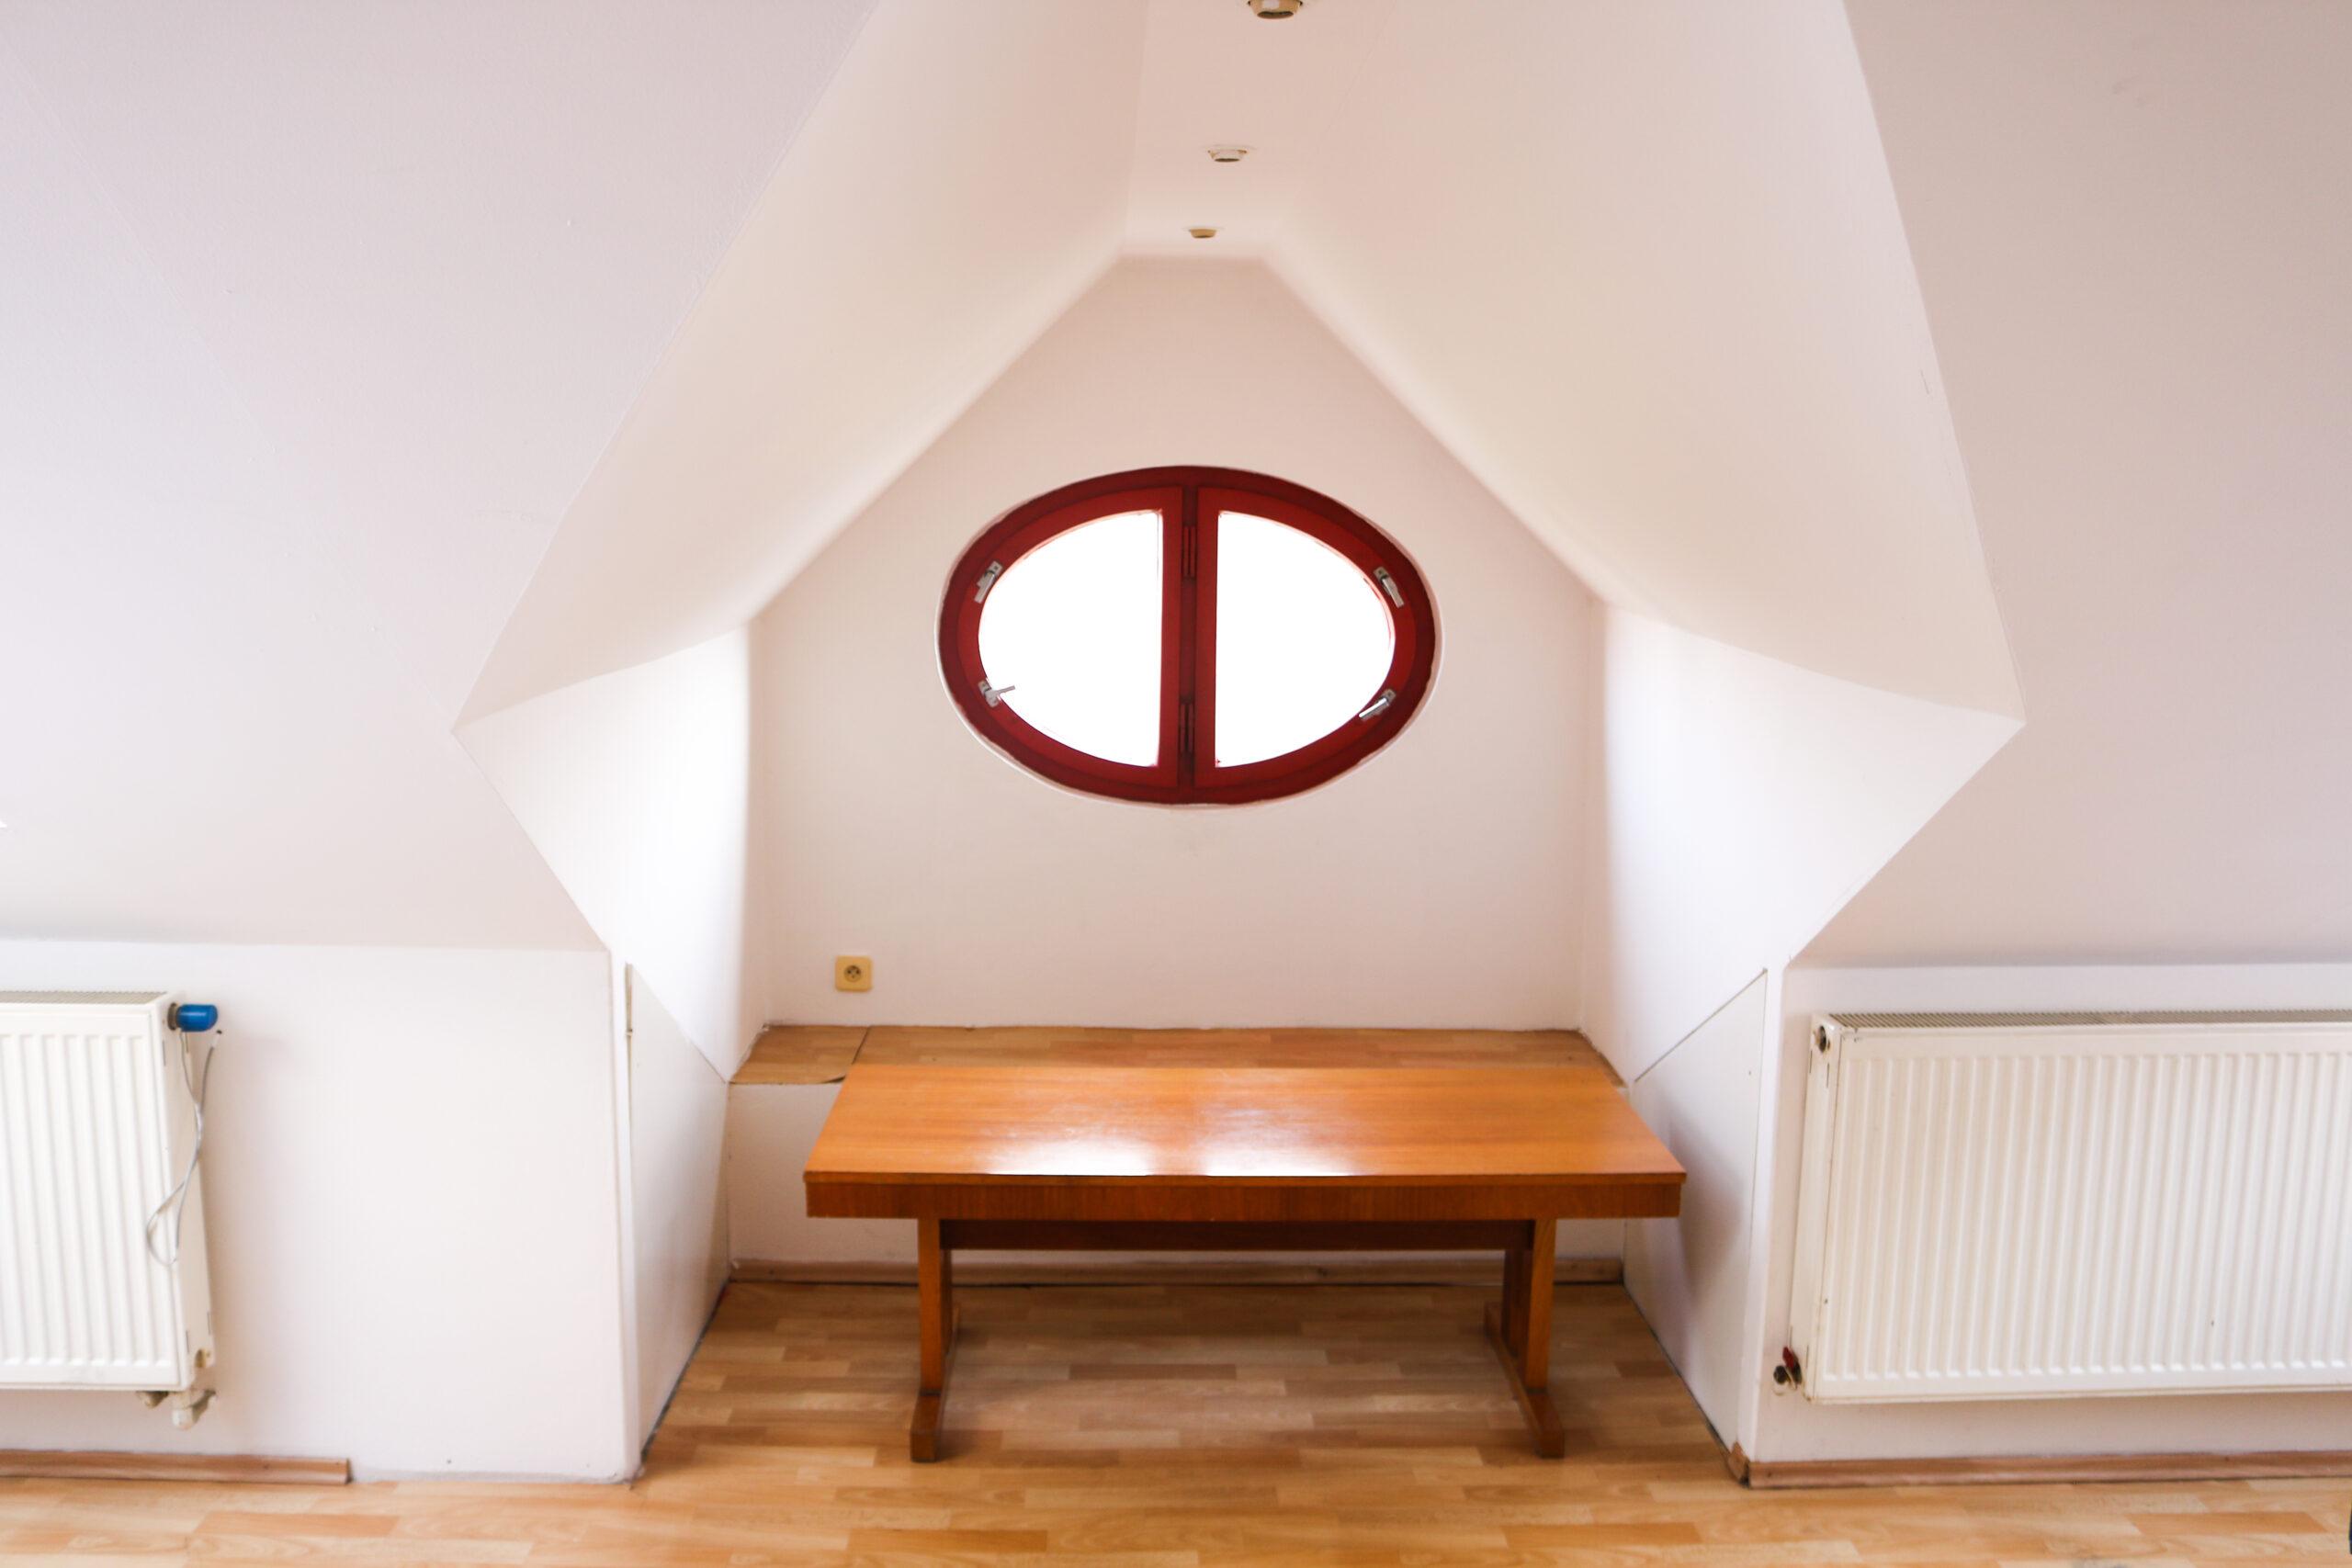 Okno v apartmánu 7 v ubytování Hajírna Opava